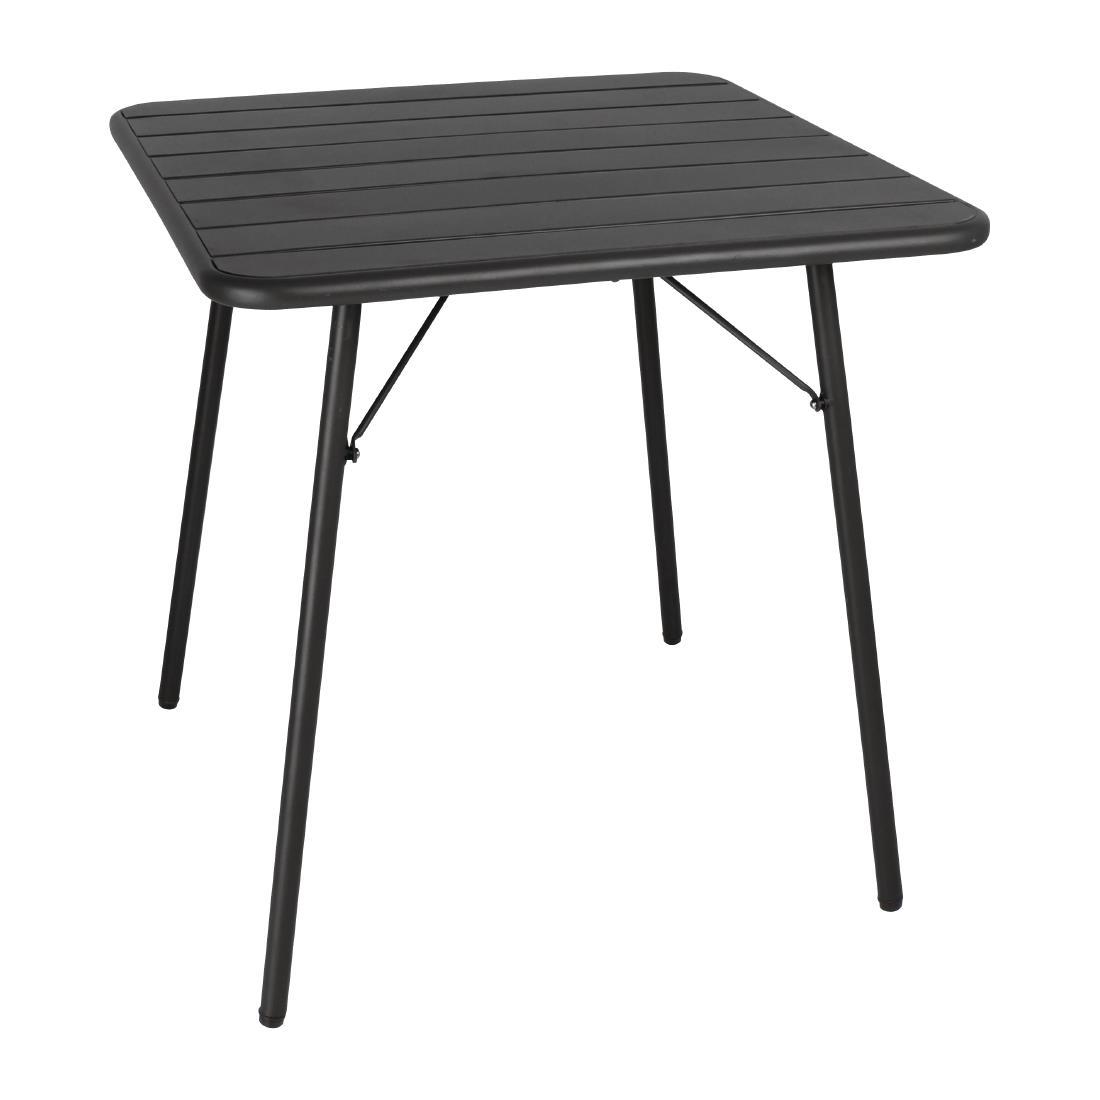 Slatted Steel Table - Black